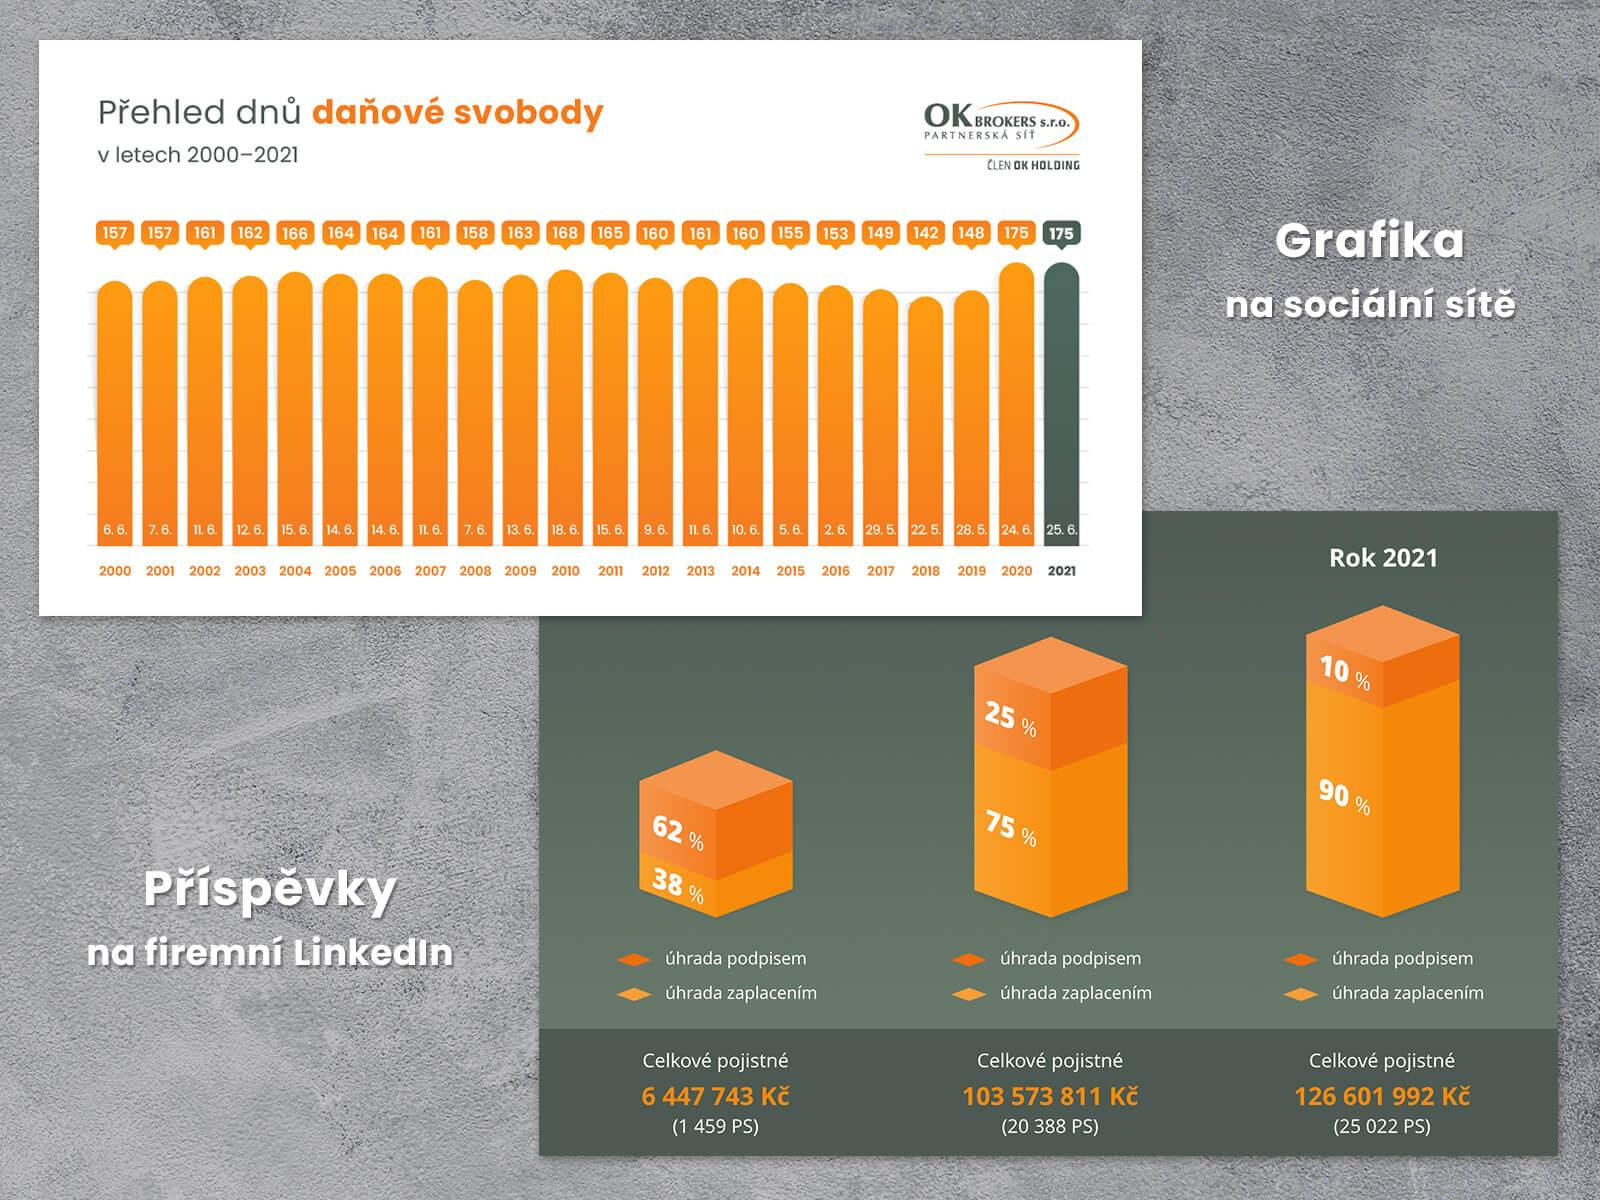 WhiteDesigns.cz - Grafika na sociální sítě